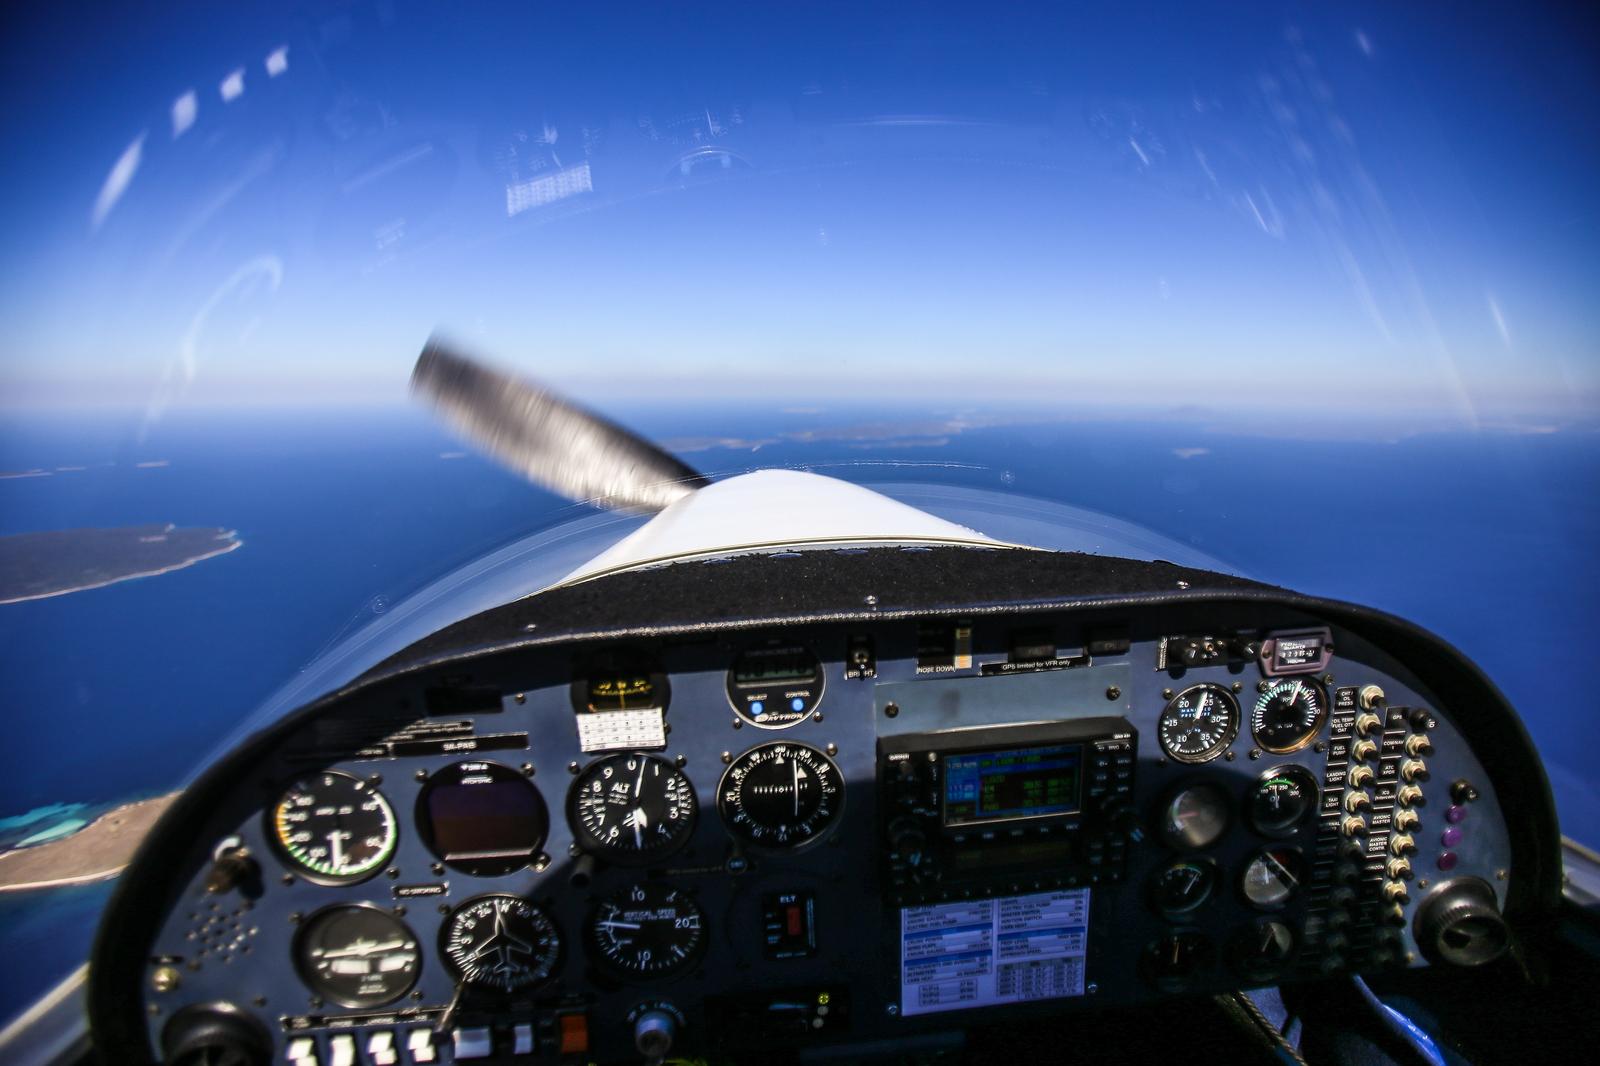 Обучение на пилота авиации в европе обучение ландшафтному дизайну в украине